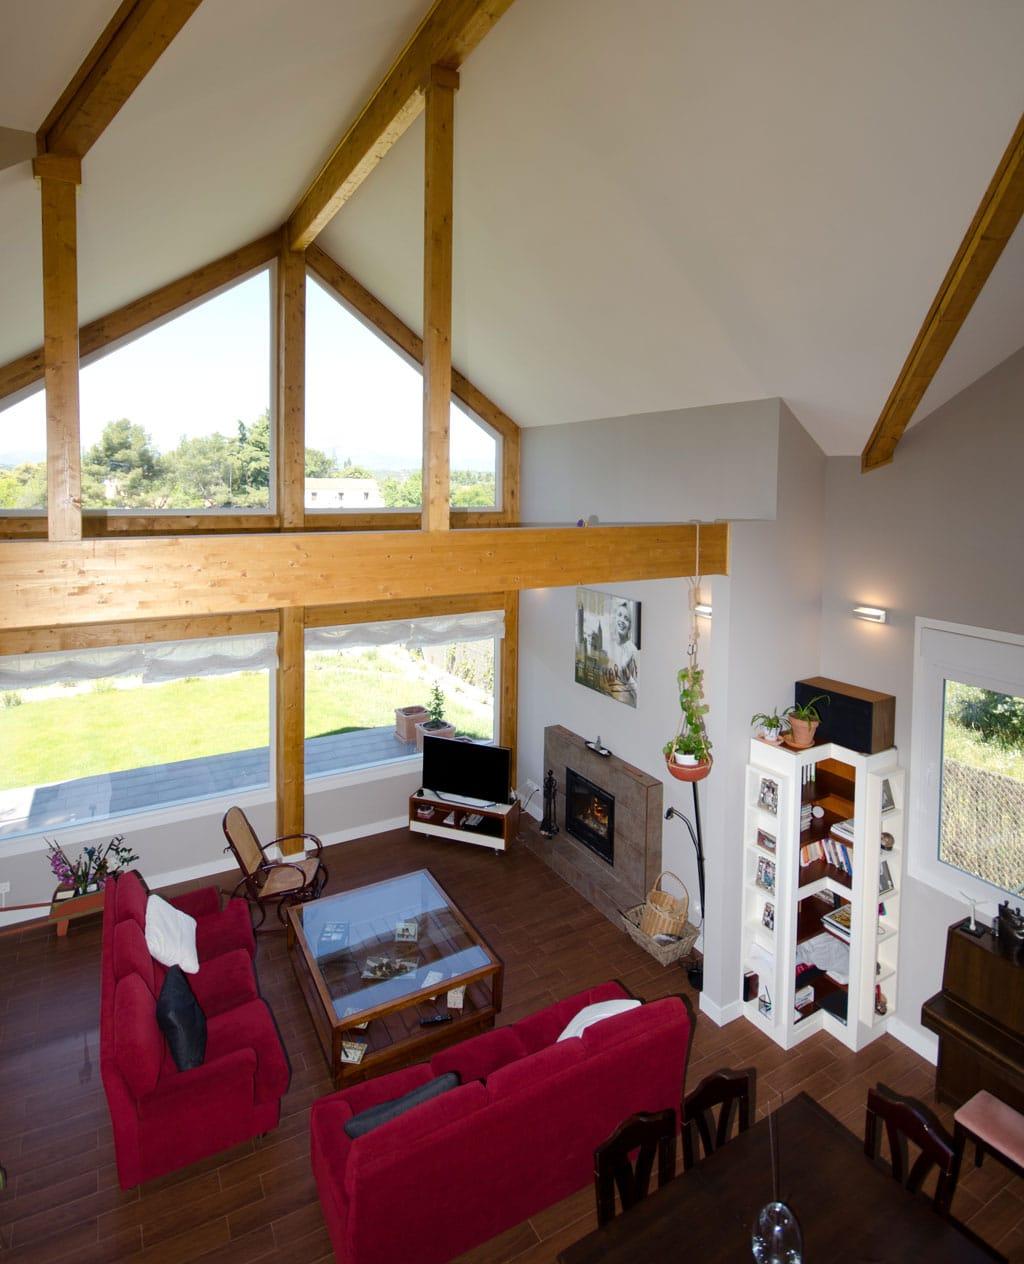 Casa de madera broadback dise ada y construido por canexel - La casa de madera valencia ...